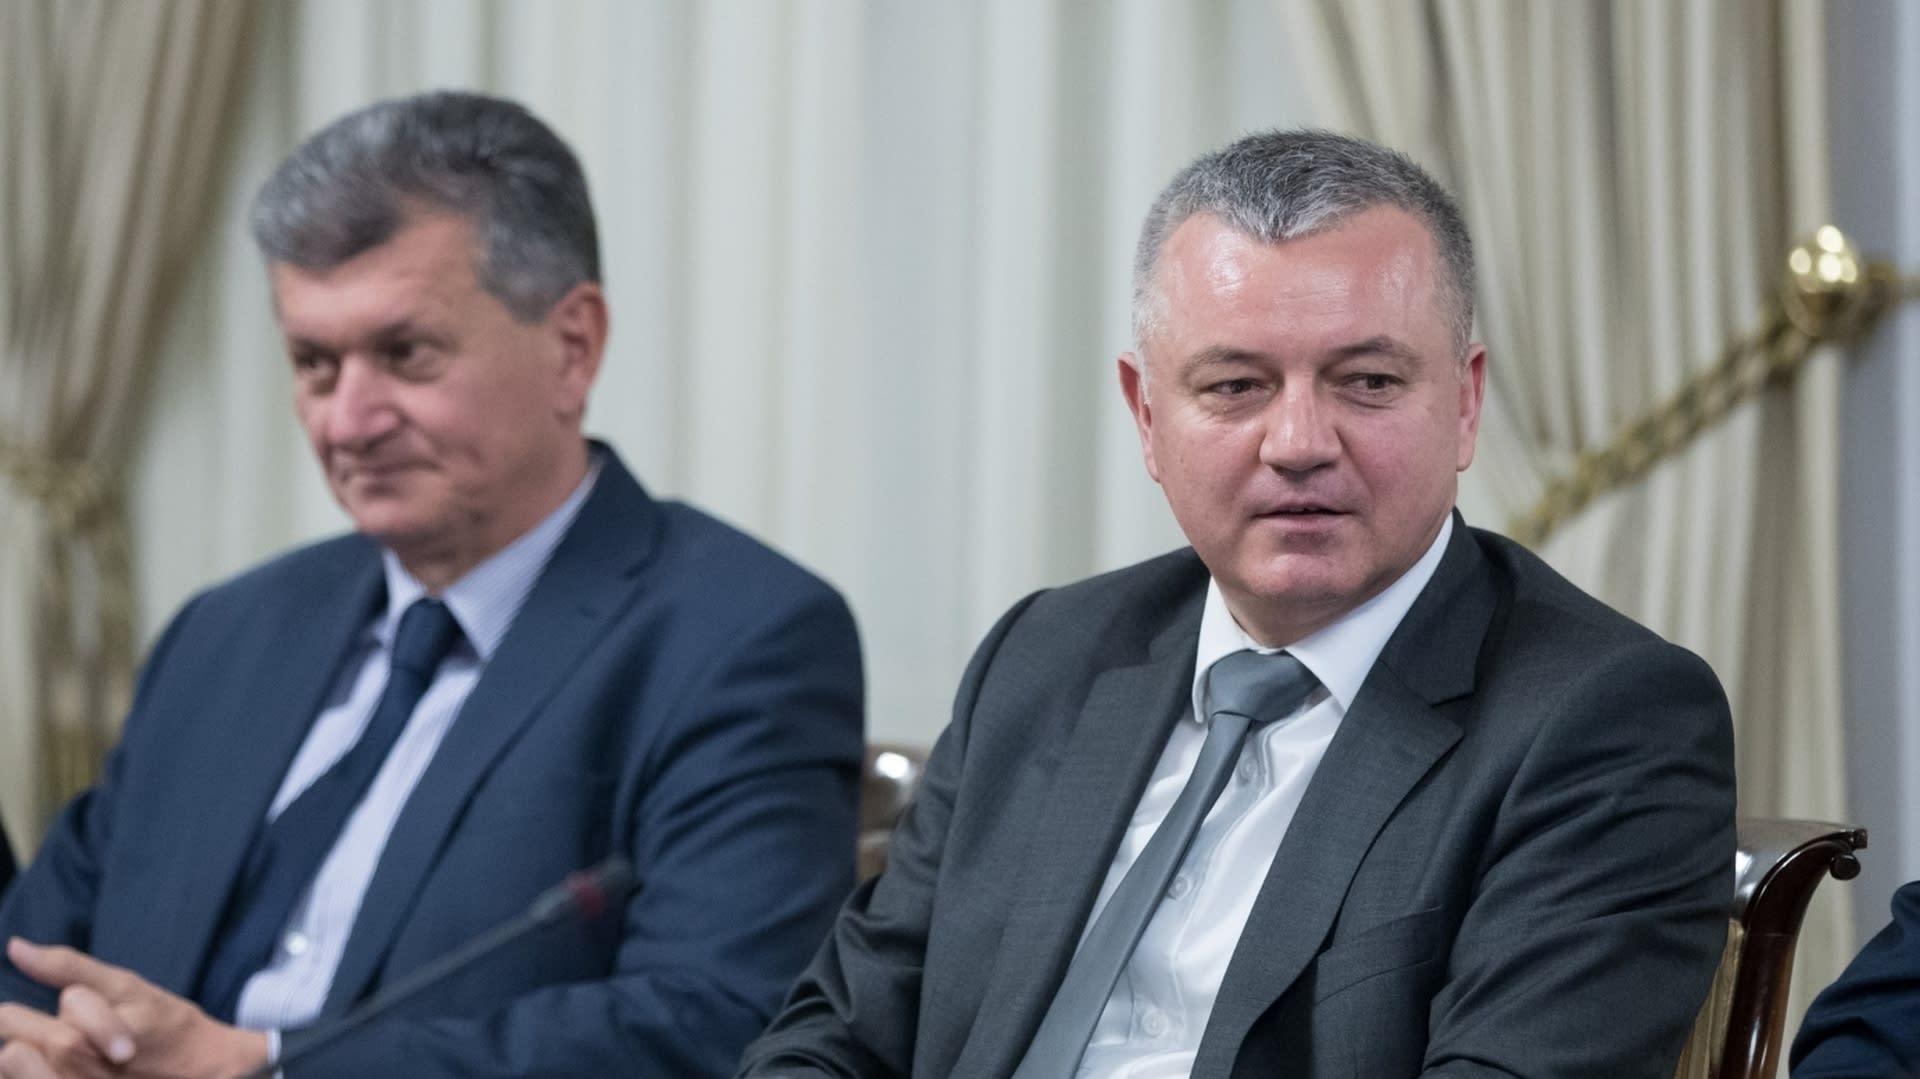 Darko Horvat ministro de Economía. (Foto: Davor Puklavec/PIXSELL)